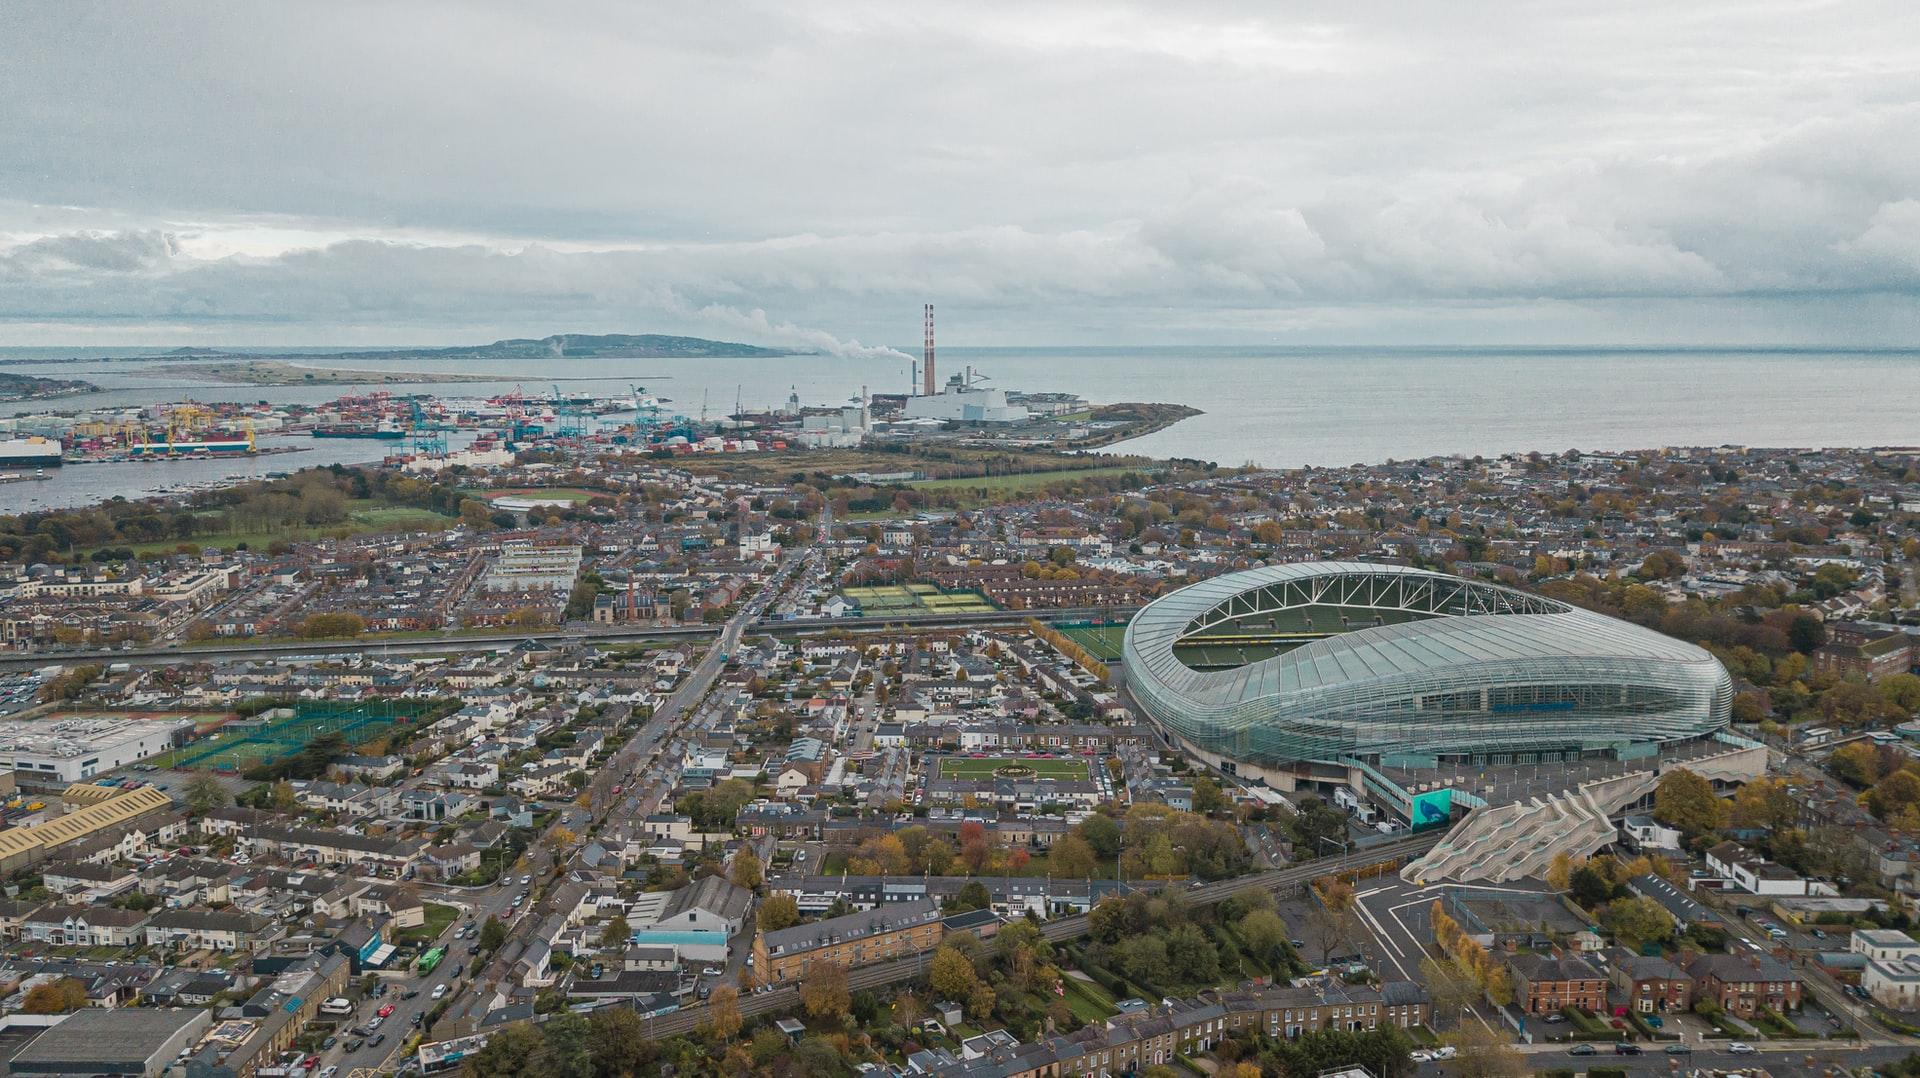 The Aviva Stadium in Dublin